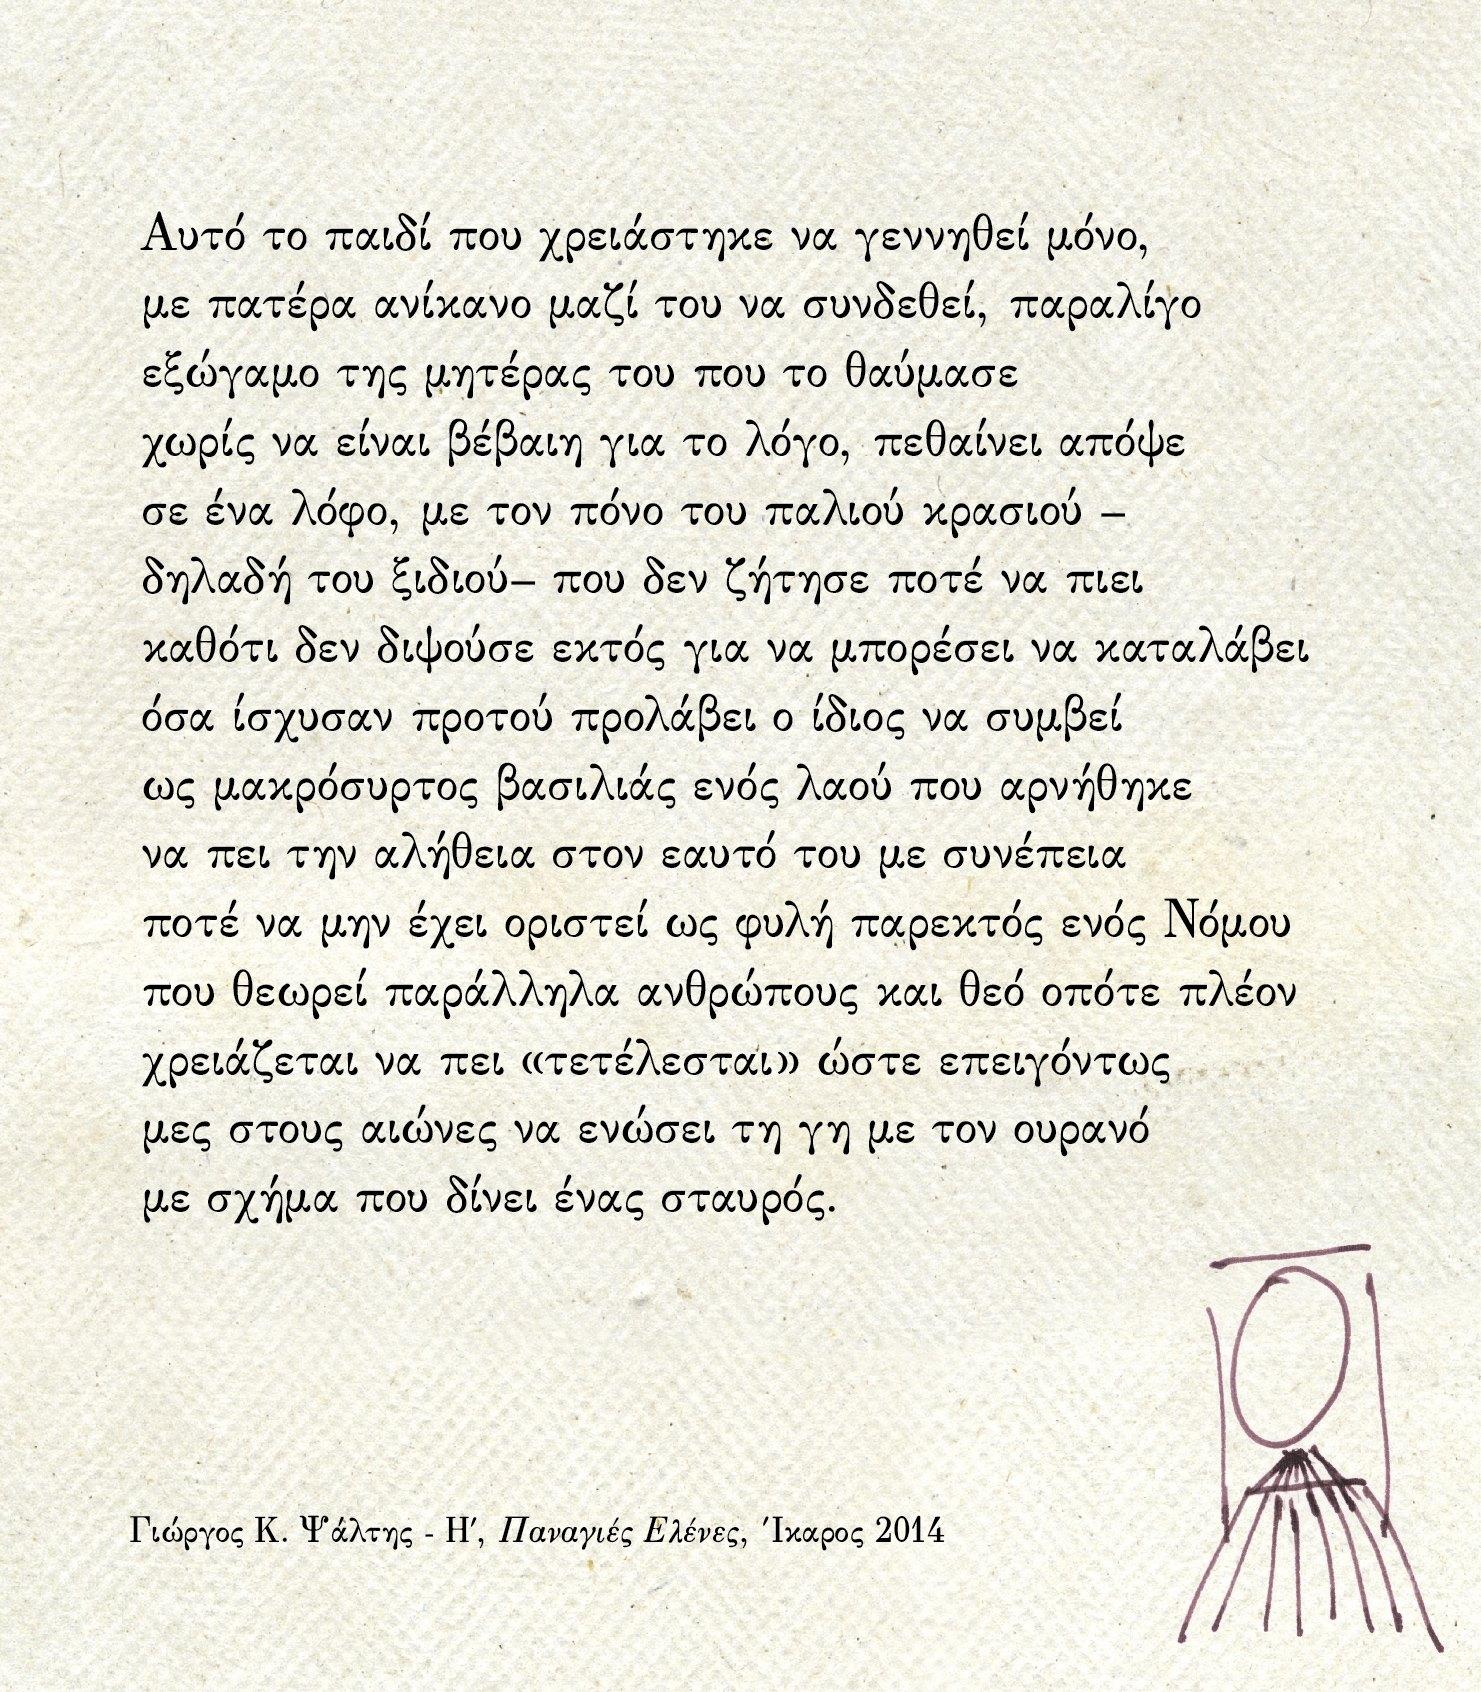 """Από το βιβλίο """"Παναγιές Ελένες"""", Ίκαρος, 2016"""